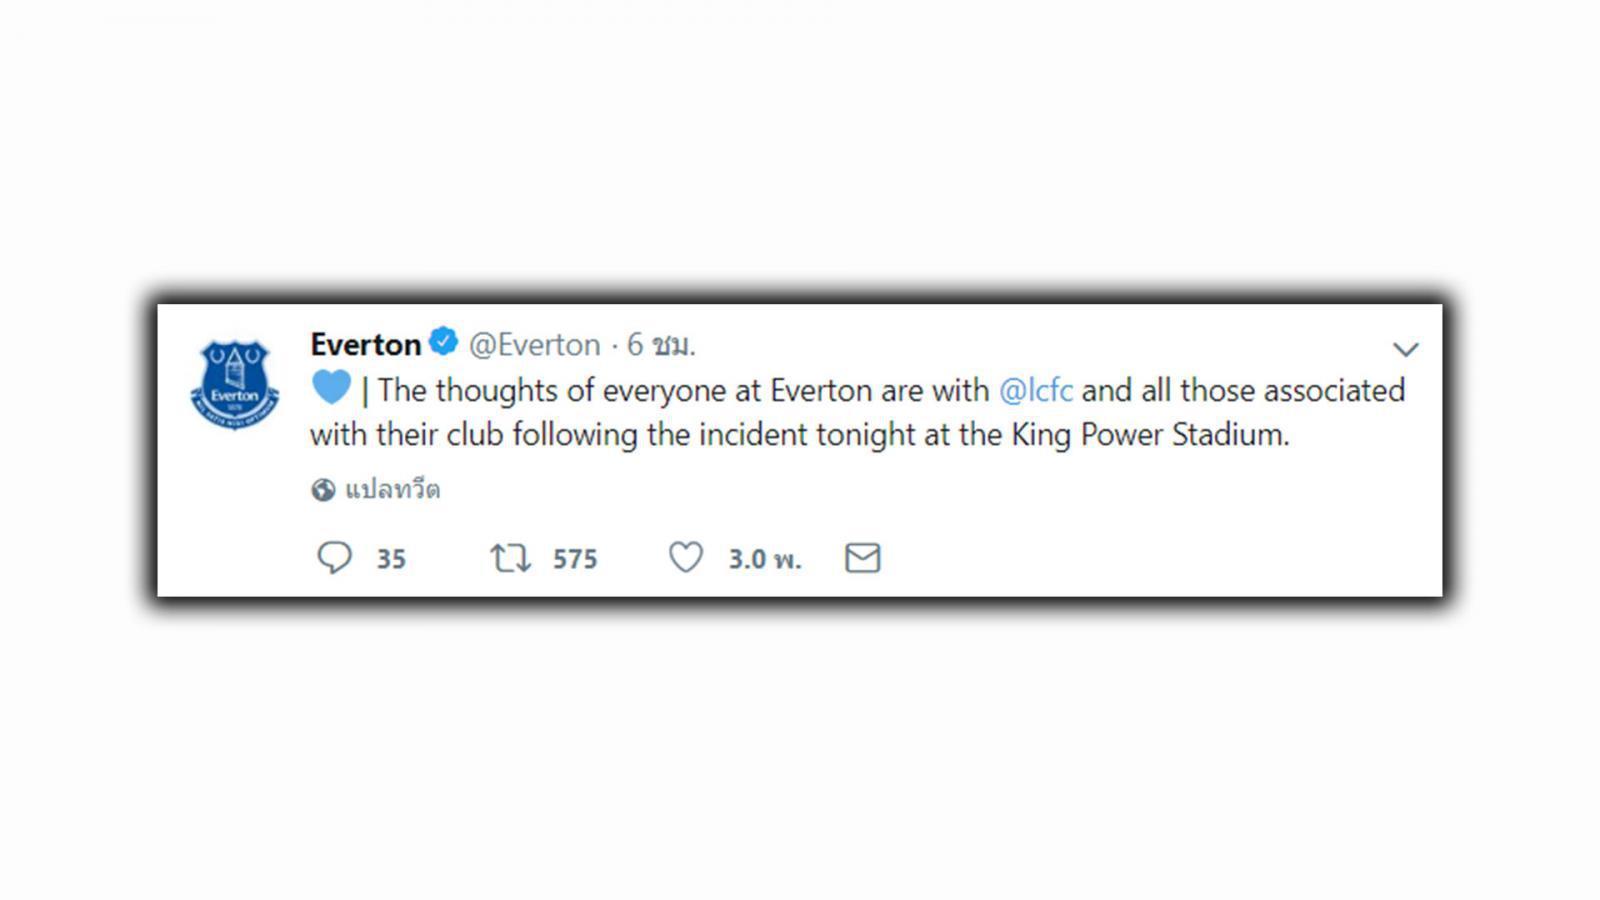 """เหล่าทีมฟุตบอลอังกฤษ ร่วมส่งกำลังใจให้ """"เลสเตอร์ ซิตี้"""" หลัง ฮ.""""เสี่ยวิชัย"""" ตก"""